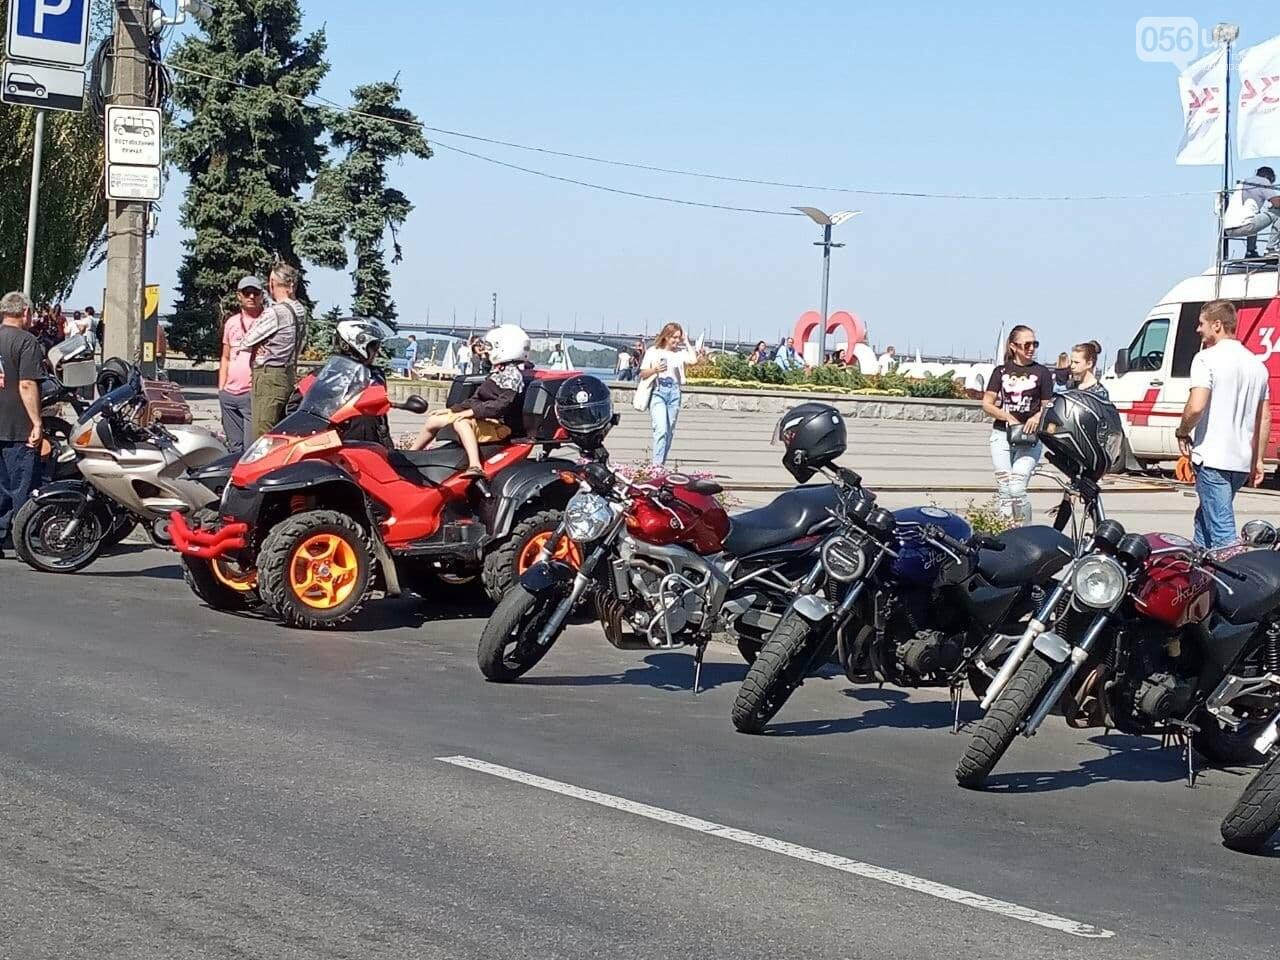 В Днепре байкеры сезон закрыли, но мотоциклы в гараж не поставили, - ФОТО, ВИДЕО, фото-12